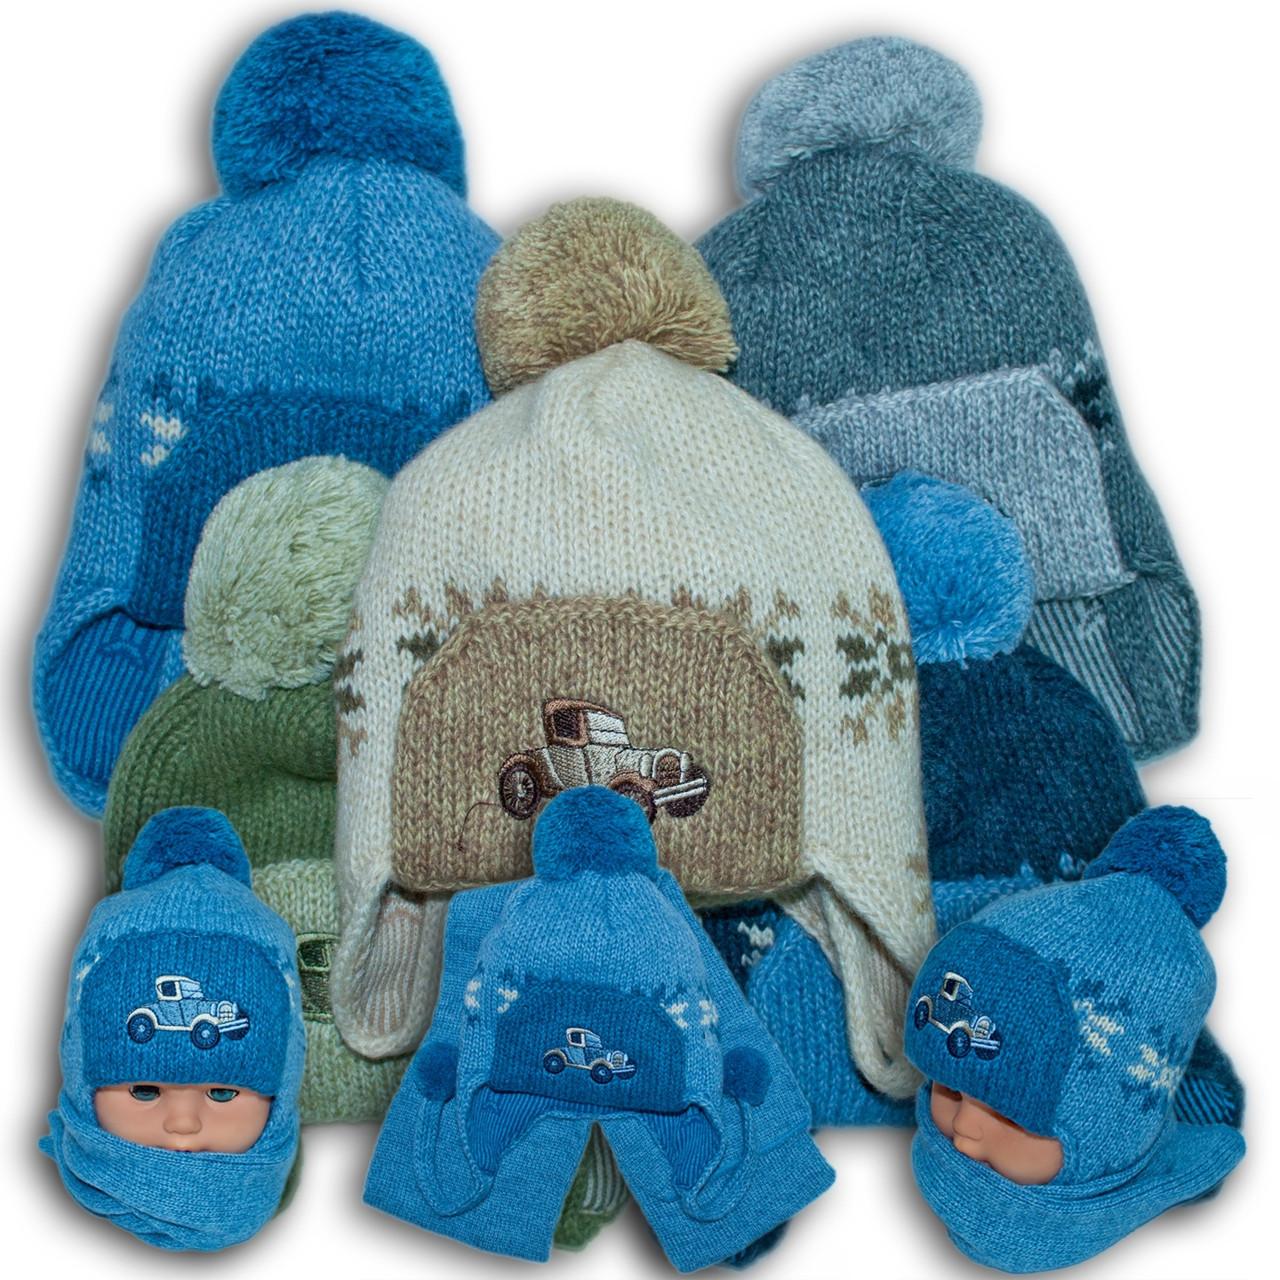 ОПТ Комплект (шапка + шарф) для мальчиков, Польского производителя Amala, модель AML 9 (5шт/набор)